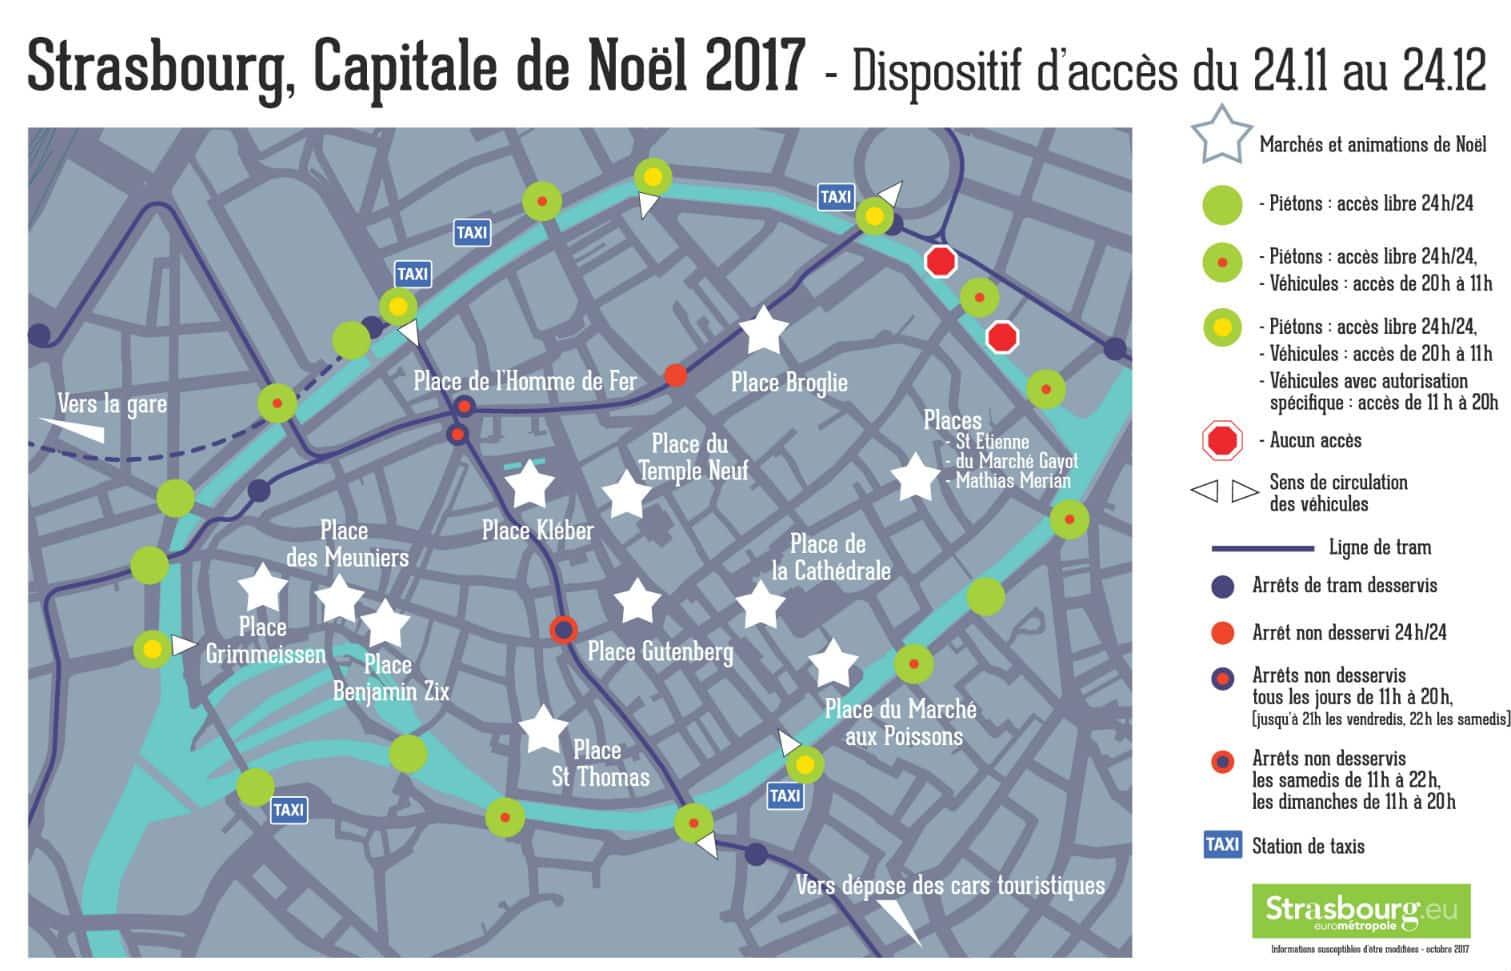 marché noel strasbourg 2018 annulé Marché de Noël 2017 : toutes les infos pratiques et les mesures de  marché noel strasbourg 2018 annulé